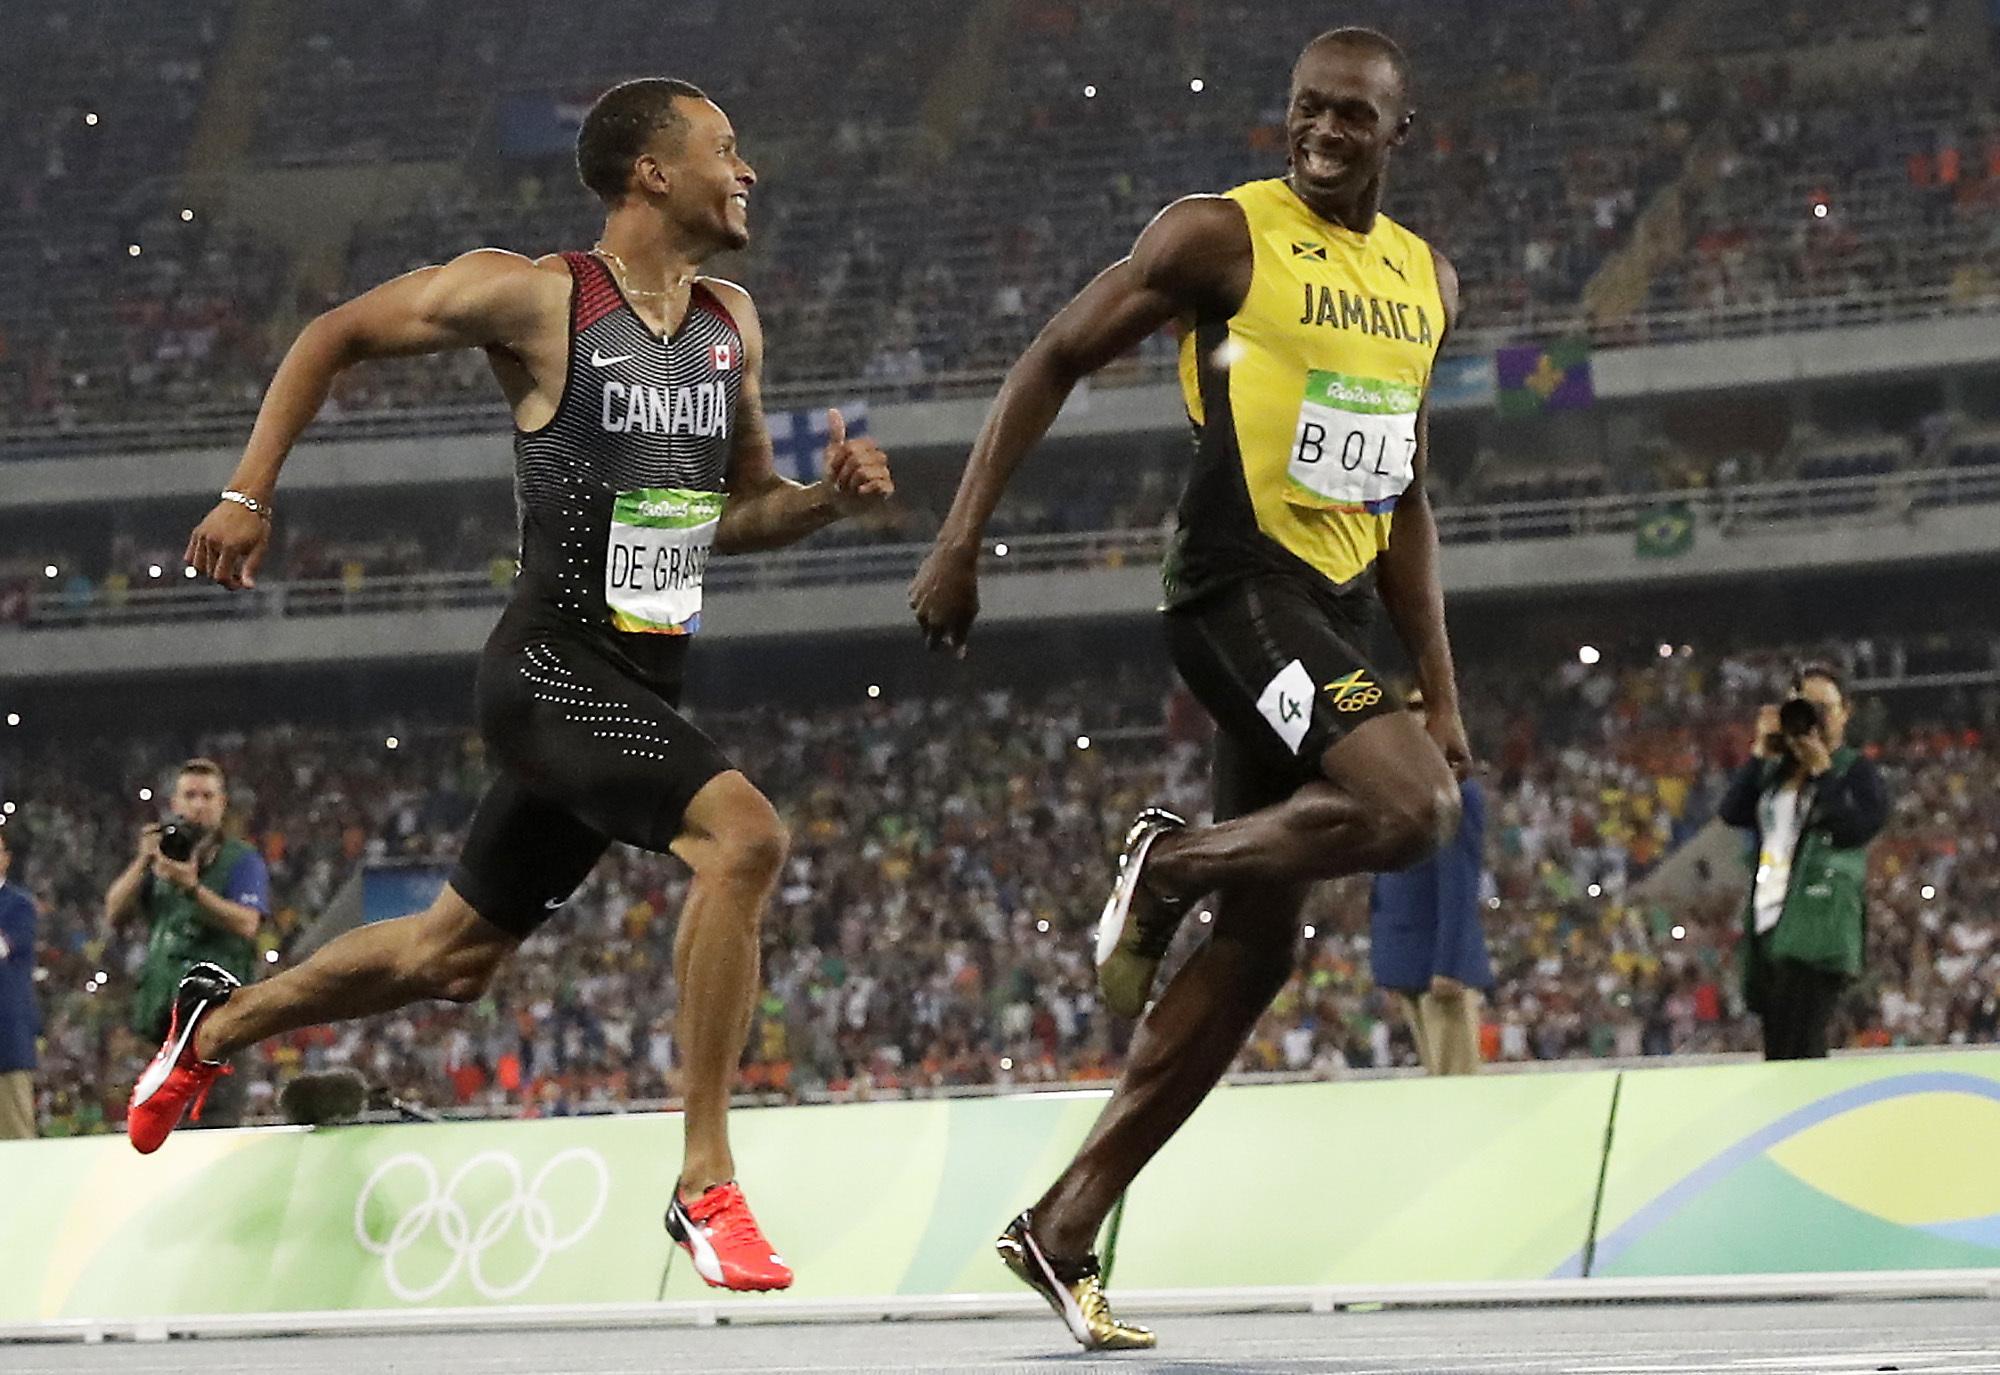 Canada's Andre De Grasse, left, and Jamaica's Usain Bolt